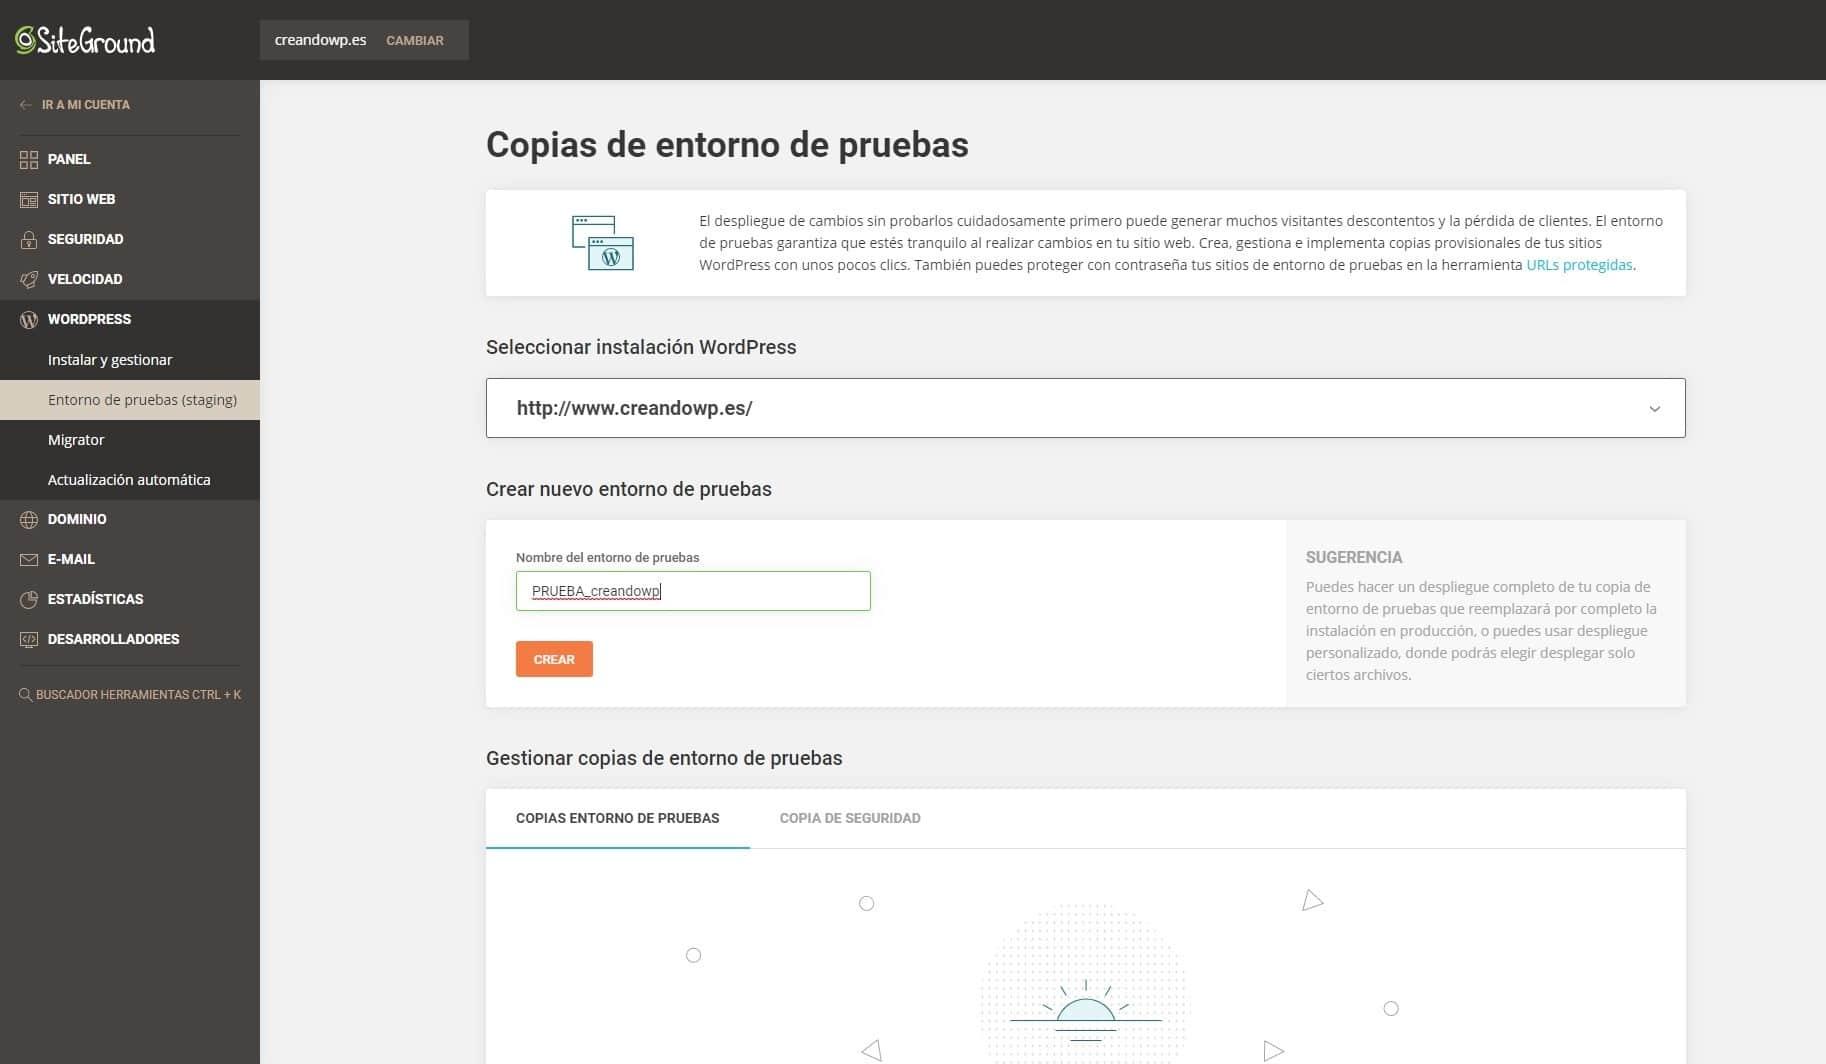 Siteground Copias de entorno de pruebas